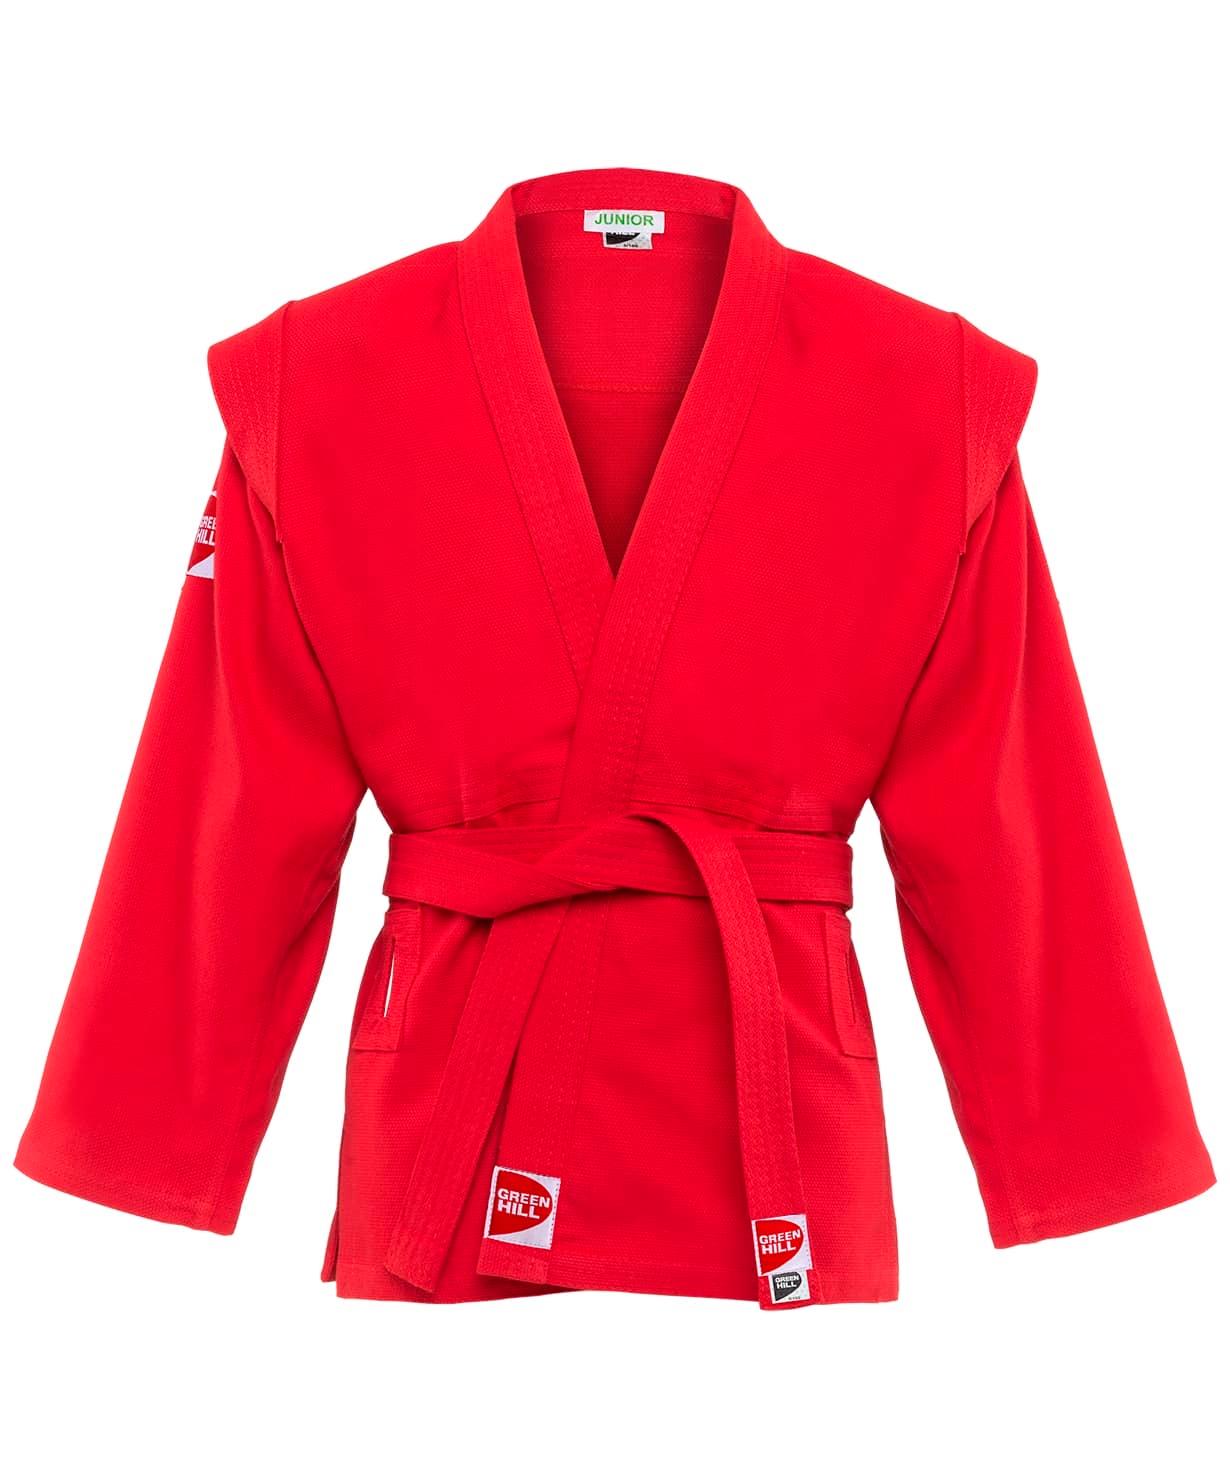 Куртка для самбо Junior SCJ-2201, красный, р.00/120